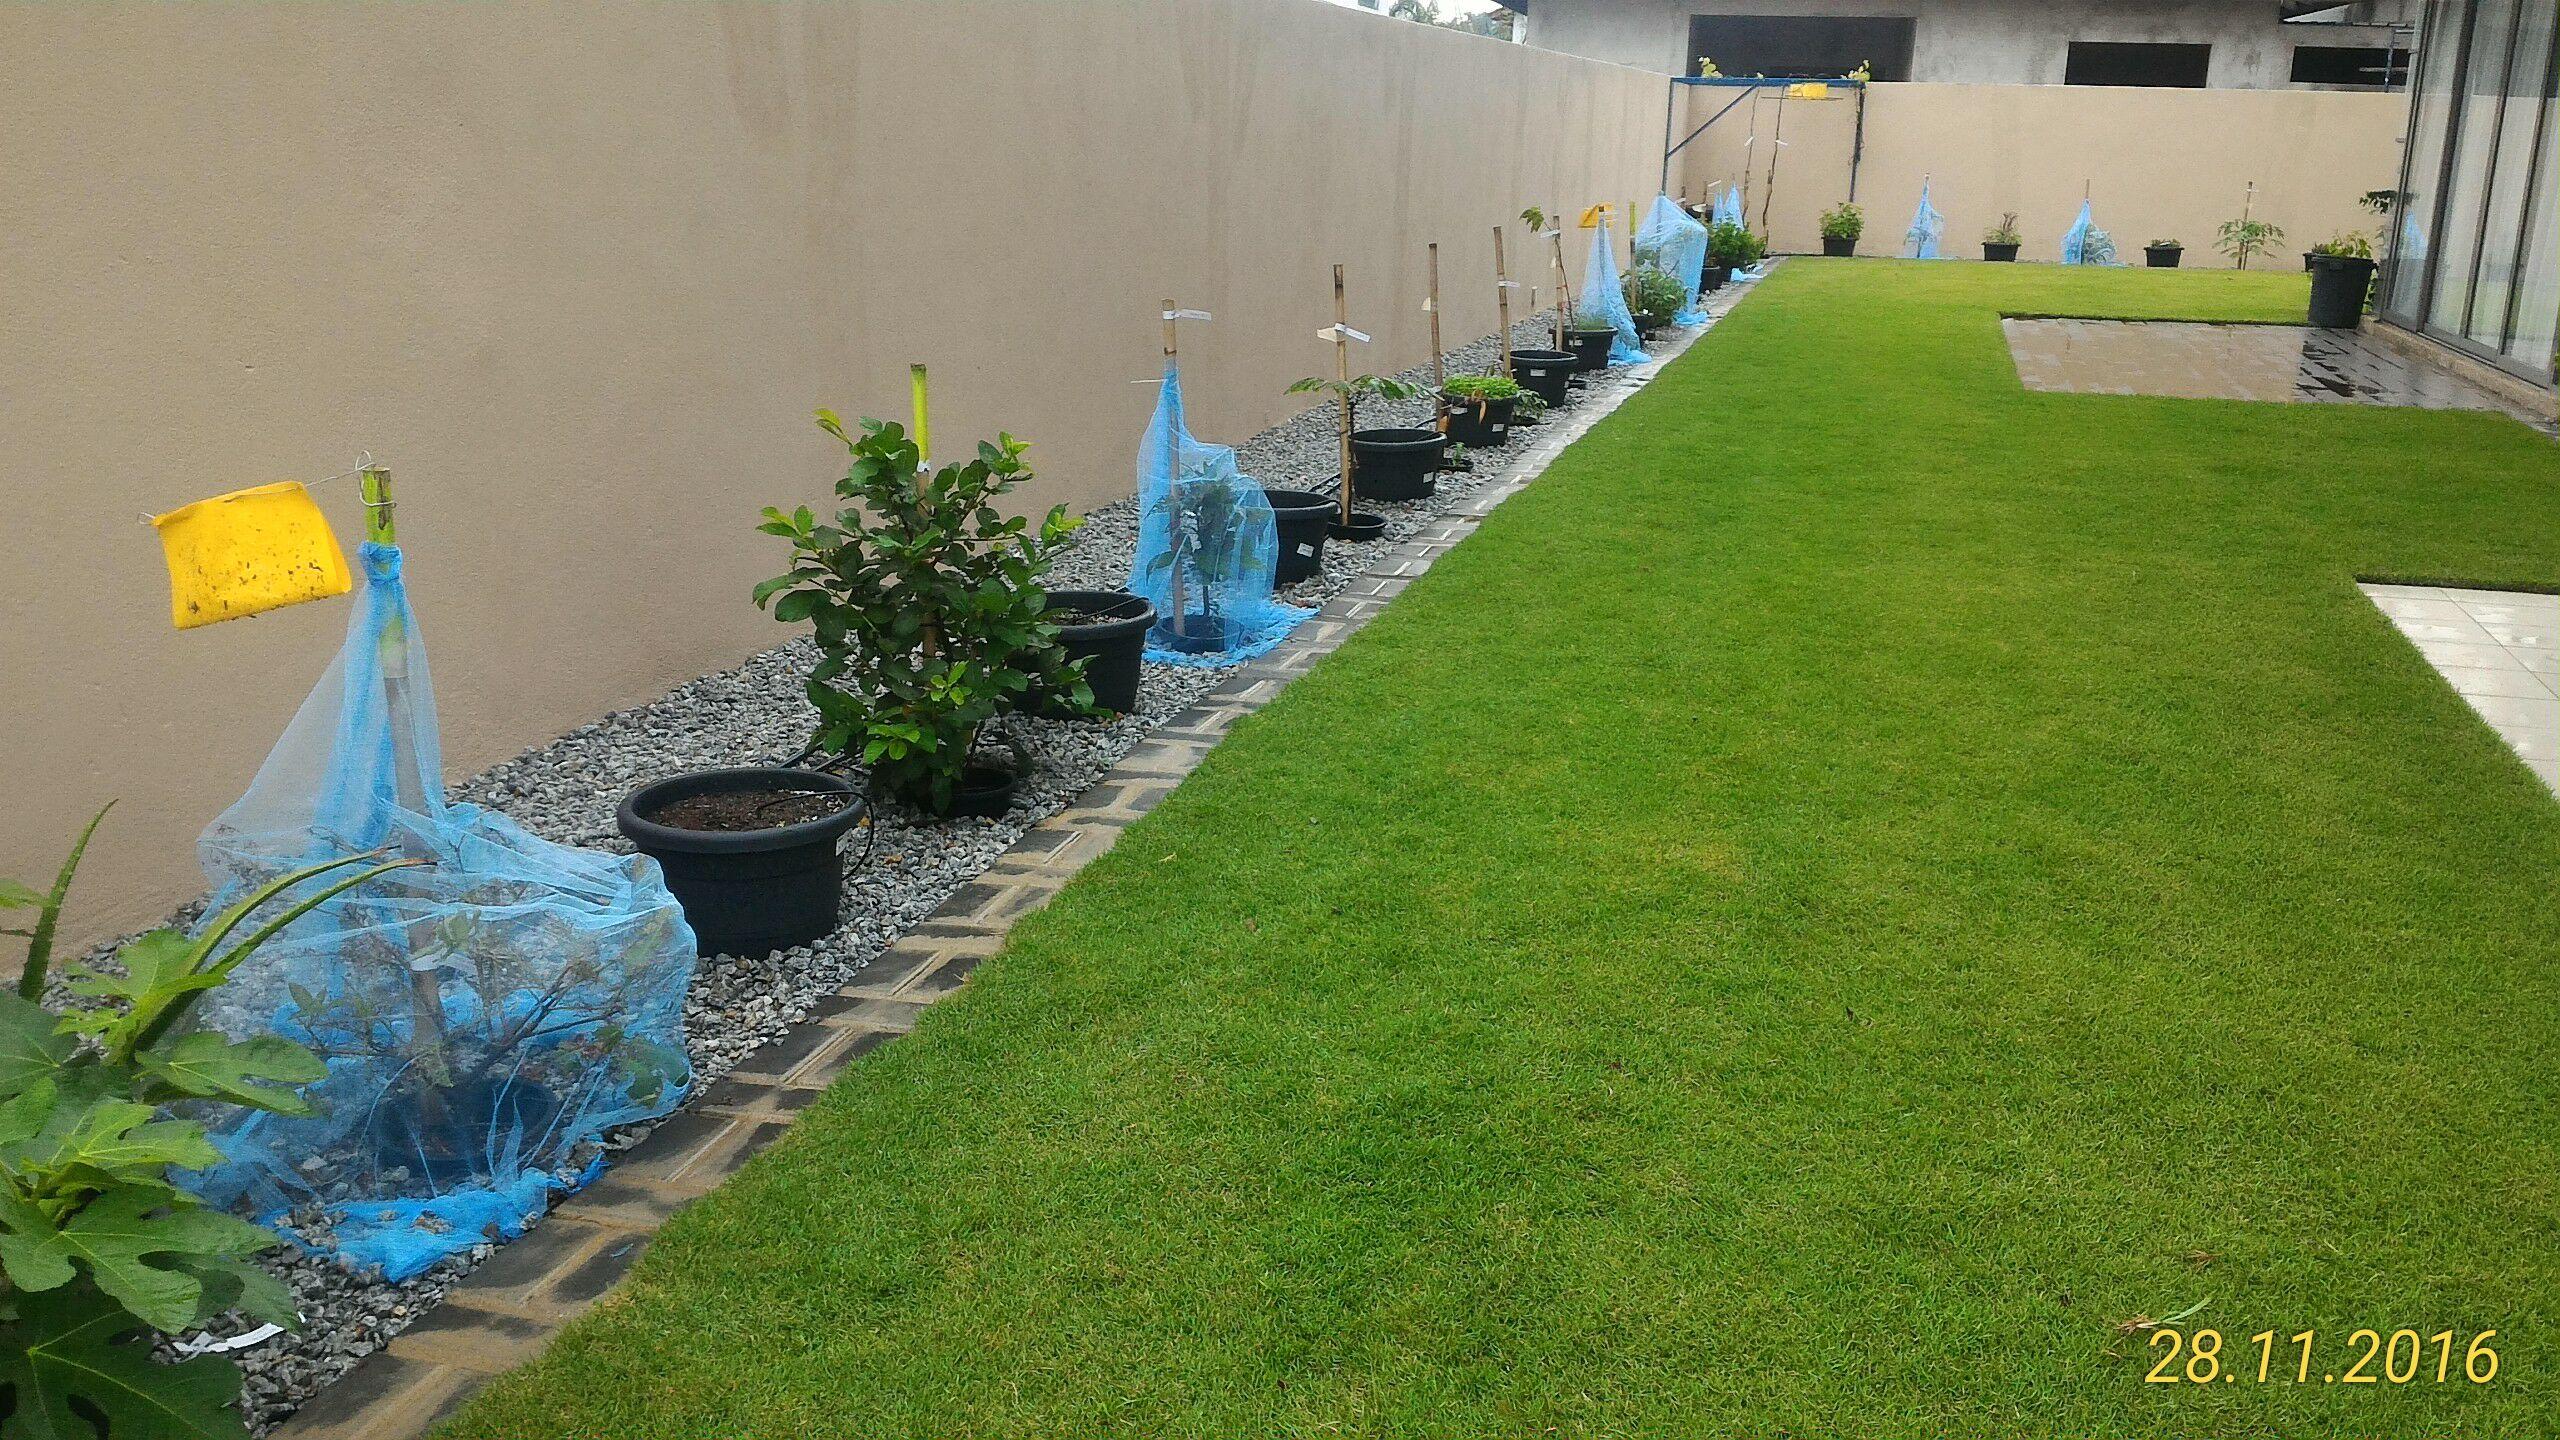 Barisan Pokok Tanaman bersama rumput menghijau